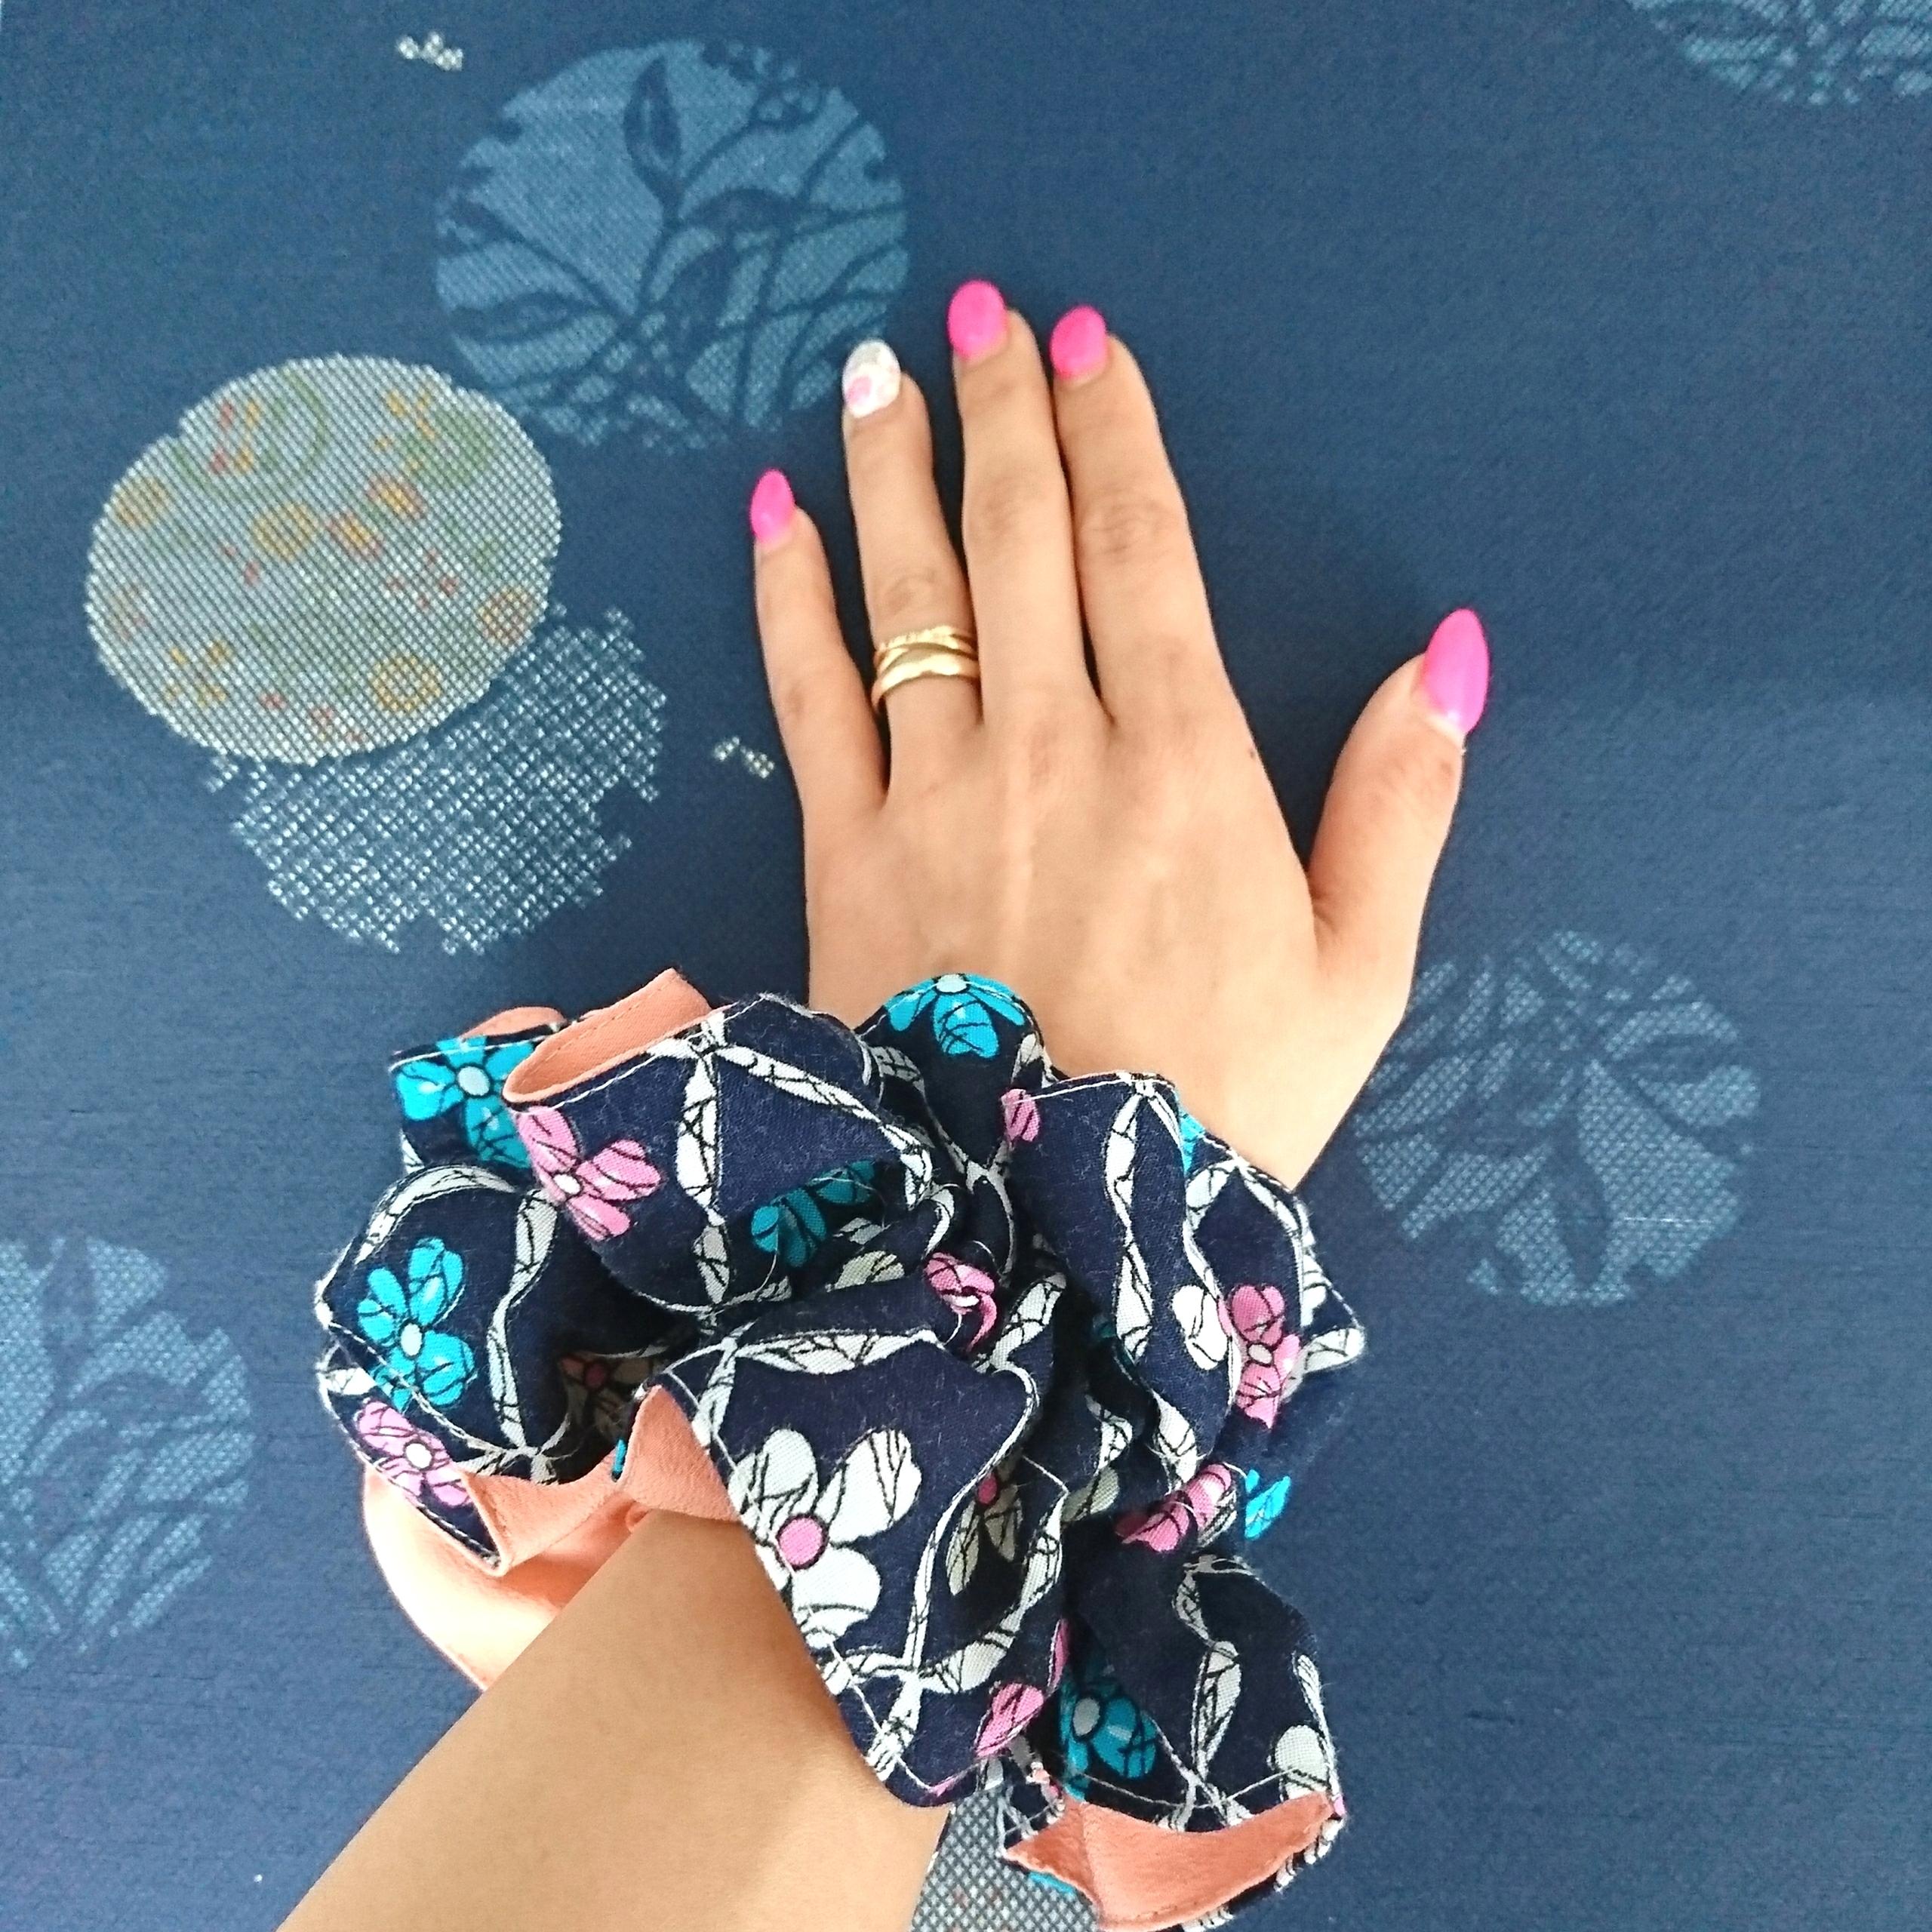 Creare utilizzando vecchi Kimono - Braccialetto